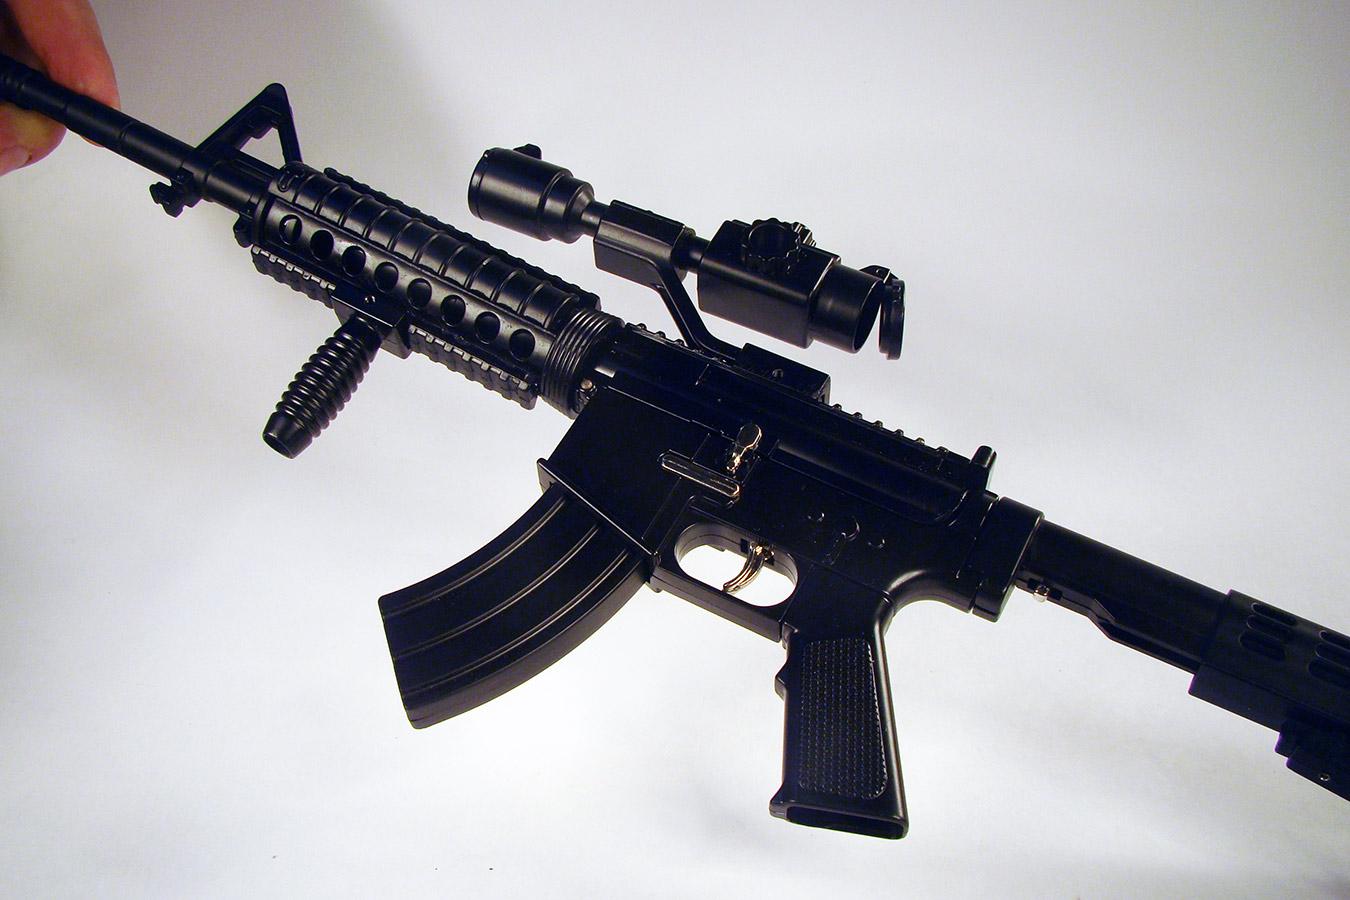 Colt M4 в масштабе 1:2 изображение 4